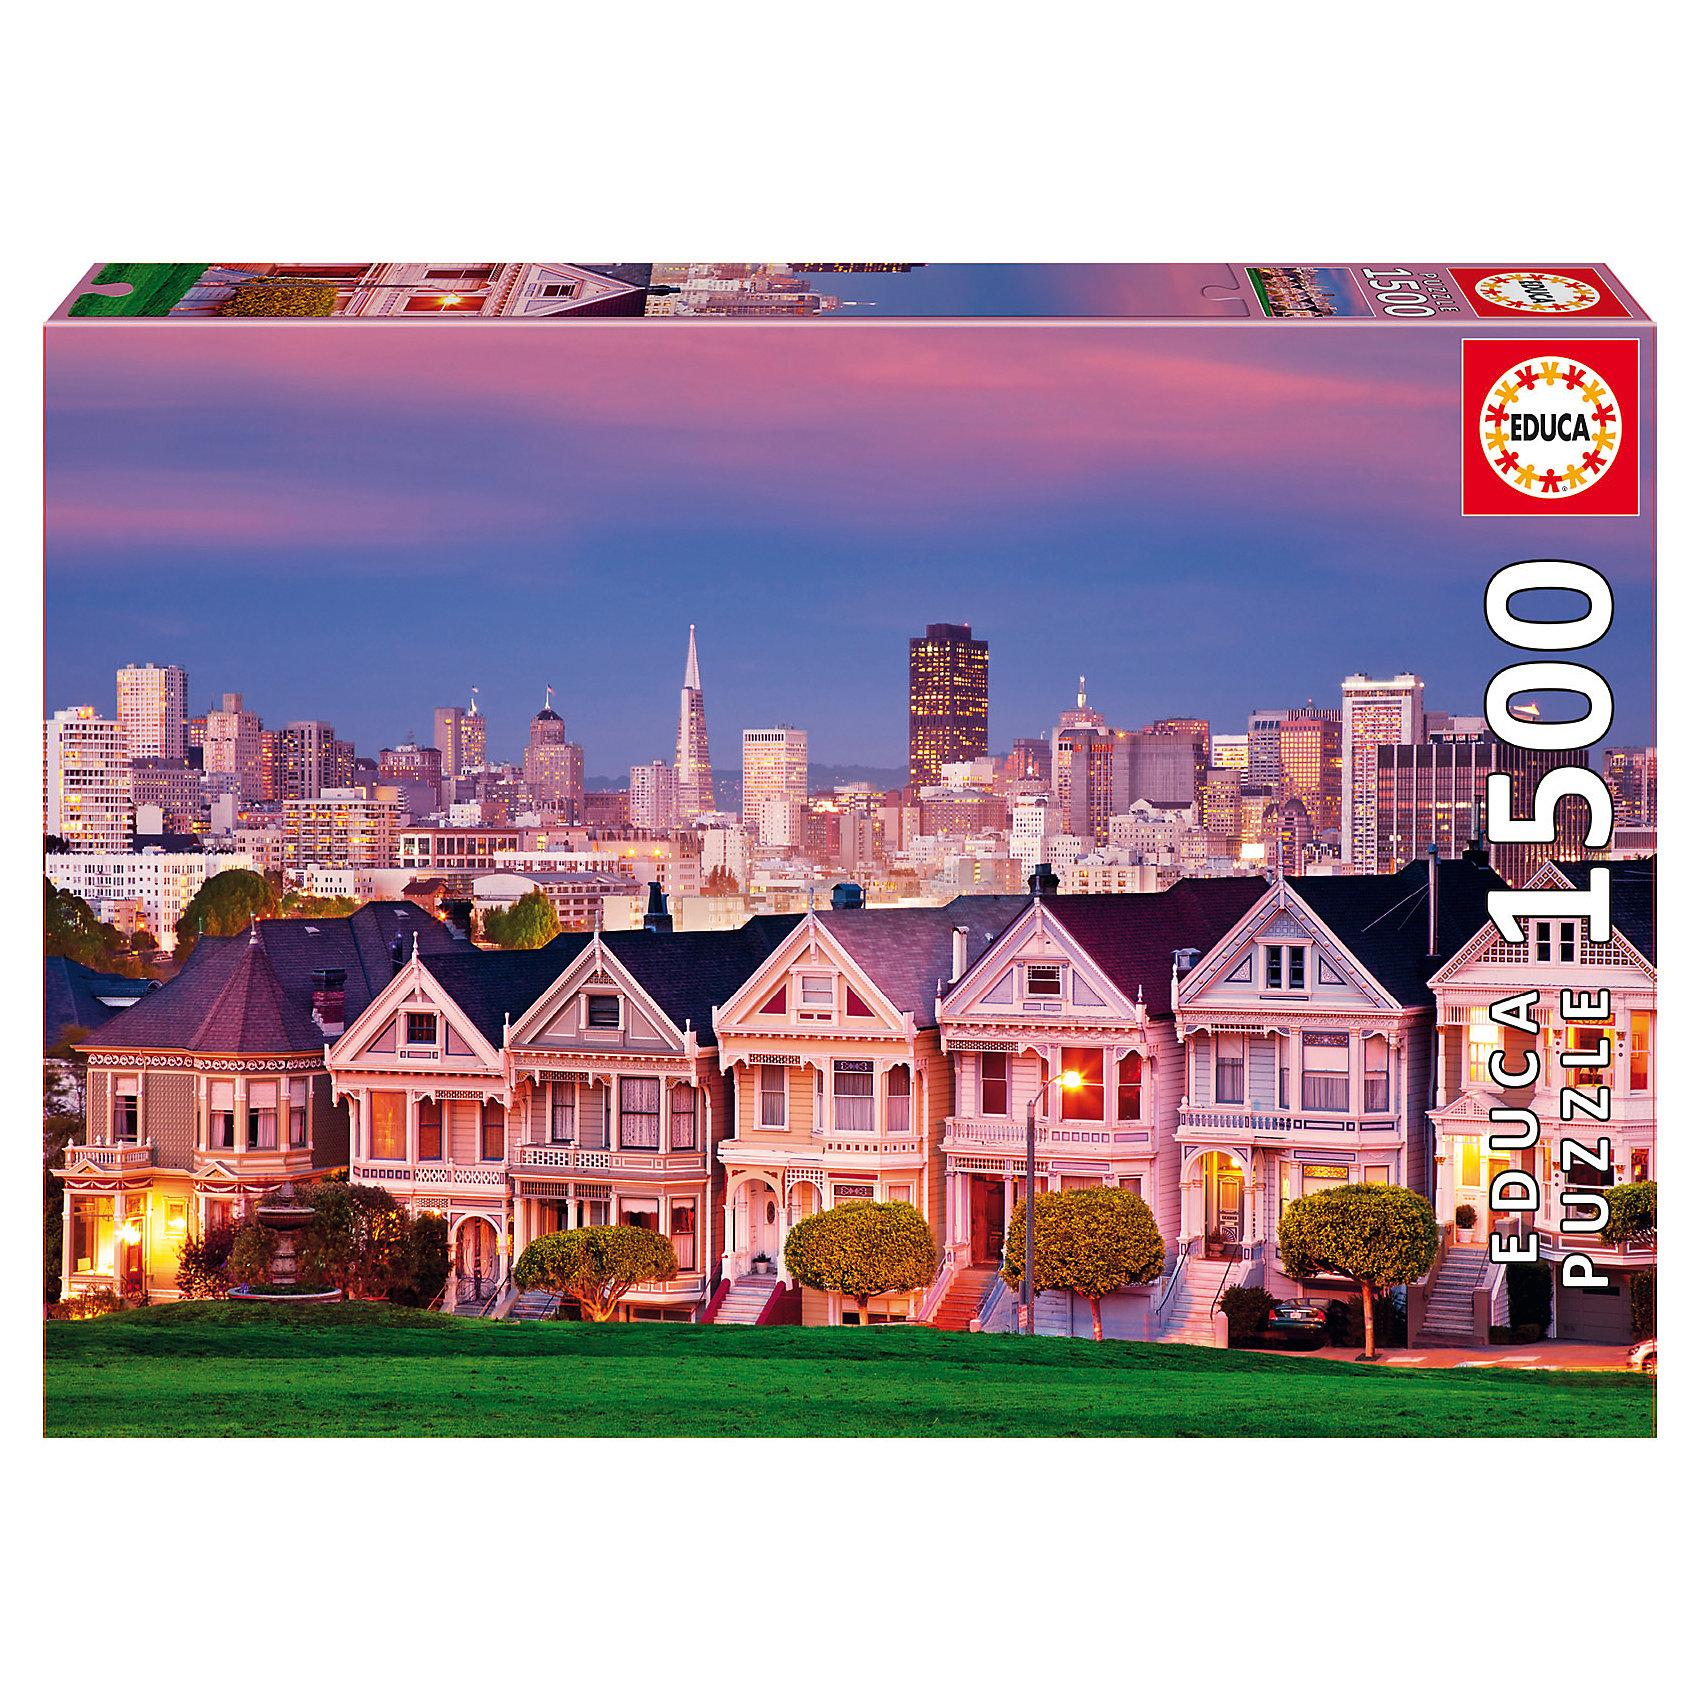 Пазл Викторианские дома, Сан-Франциско, 1500 деталей, EducaКлассические пазлы<br><br><br>Ширина мм: 430<br>Глубина мм: 300<br>Высота мм: 55<br>Вес г: 1164<br>Возраст от месяцев: 60<br>Возраст до месяцев: 2147483647<br>Пол: Унисекс<br>Возраст: Детский<br>SKU: 5514285